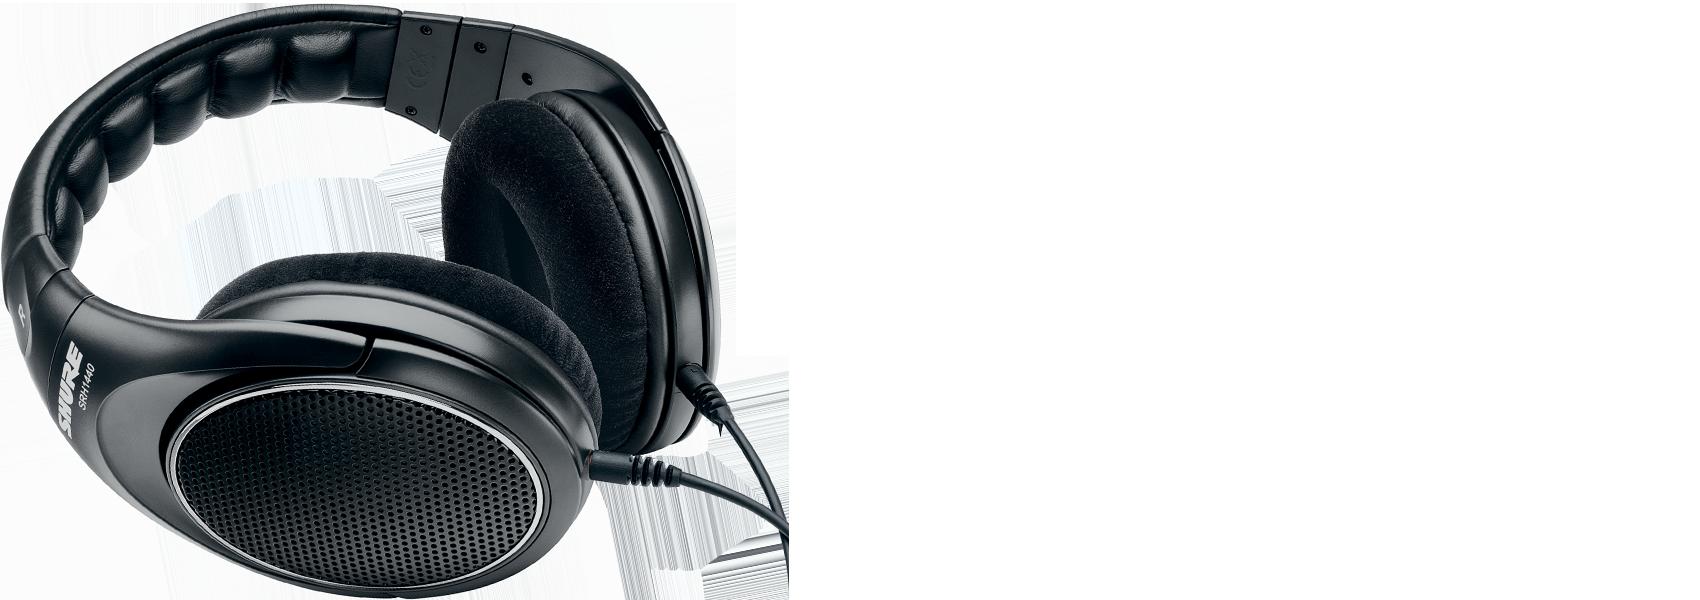 Ilustración Shure SRH1440 Auriculares profesionales de diseño abierto